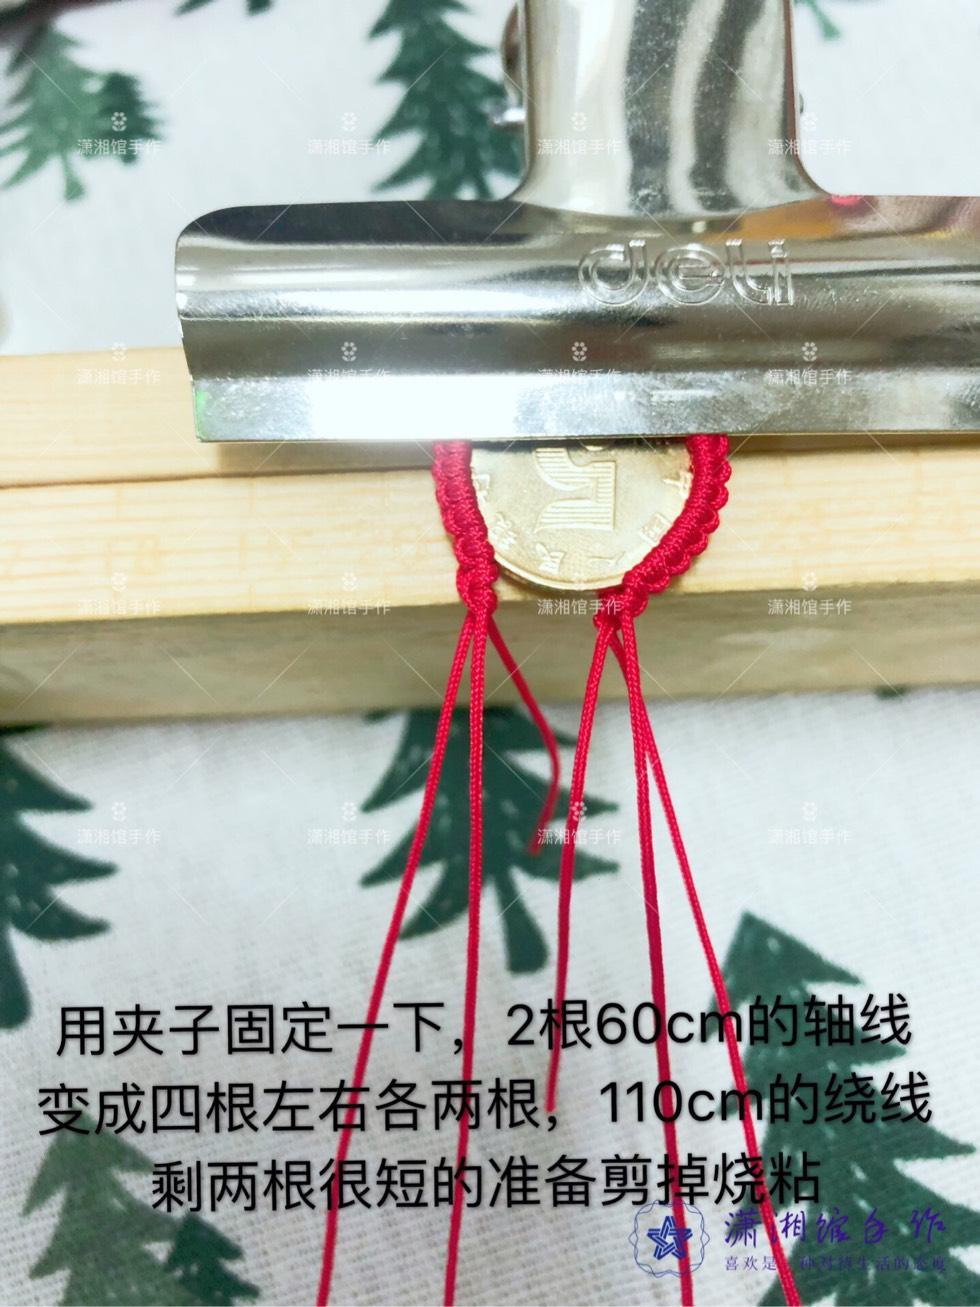 中国结论坛 硬币挂件天使翅膀钥匙扣教程  图文教程区 170038jb369c9f9vy9o3b2